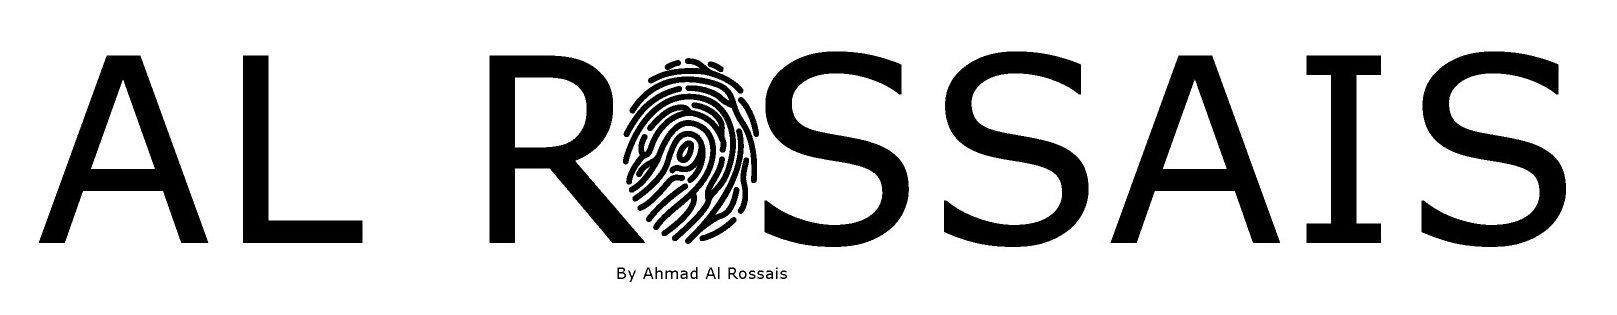 Ahmad Al Rossais/أحمد بن عبد المحسن الرصيص